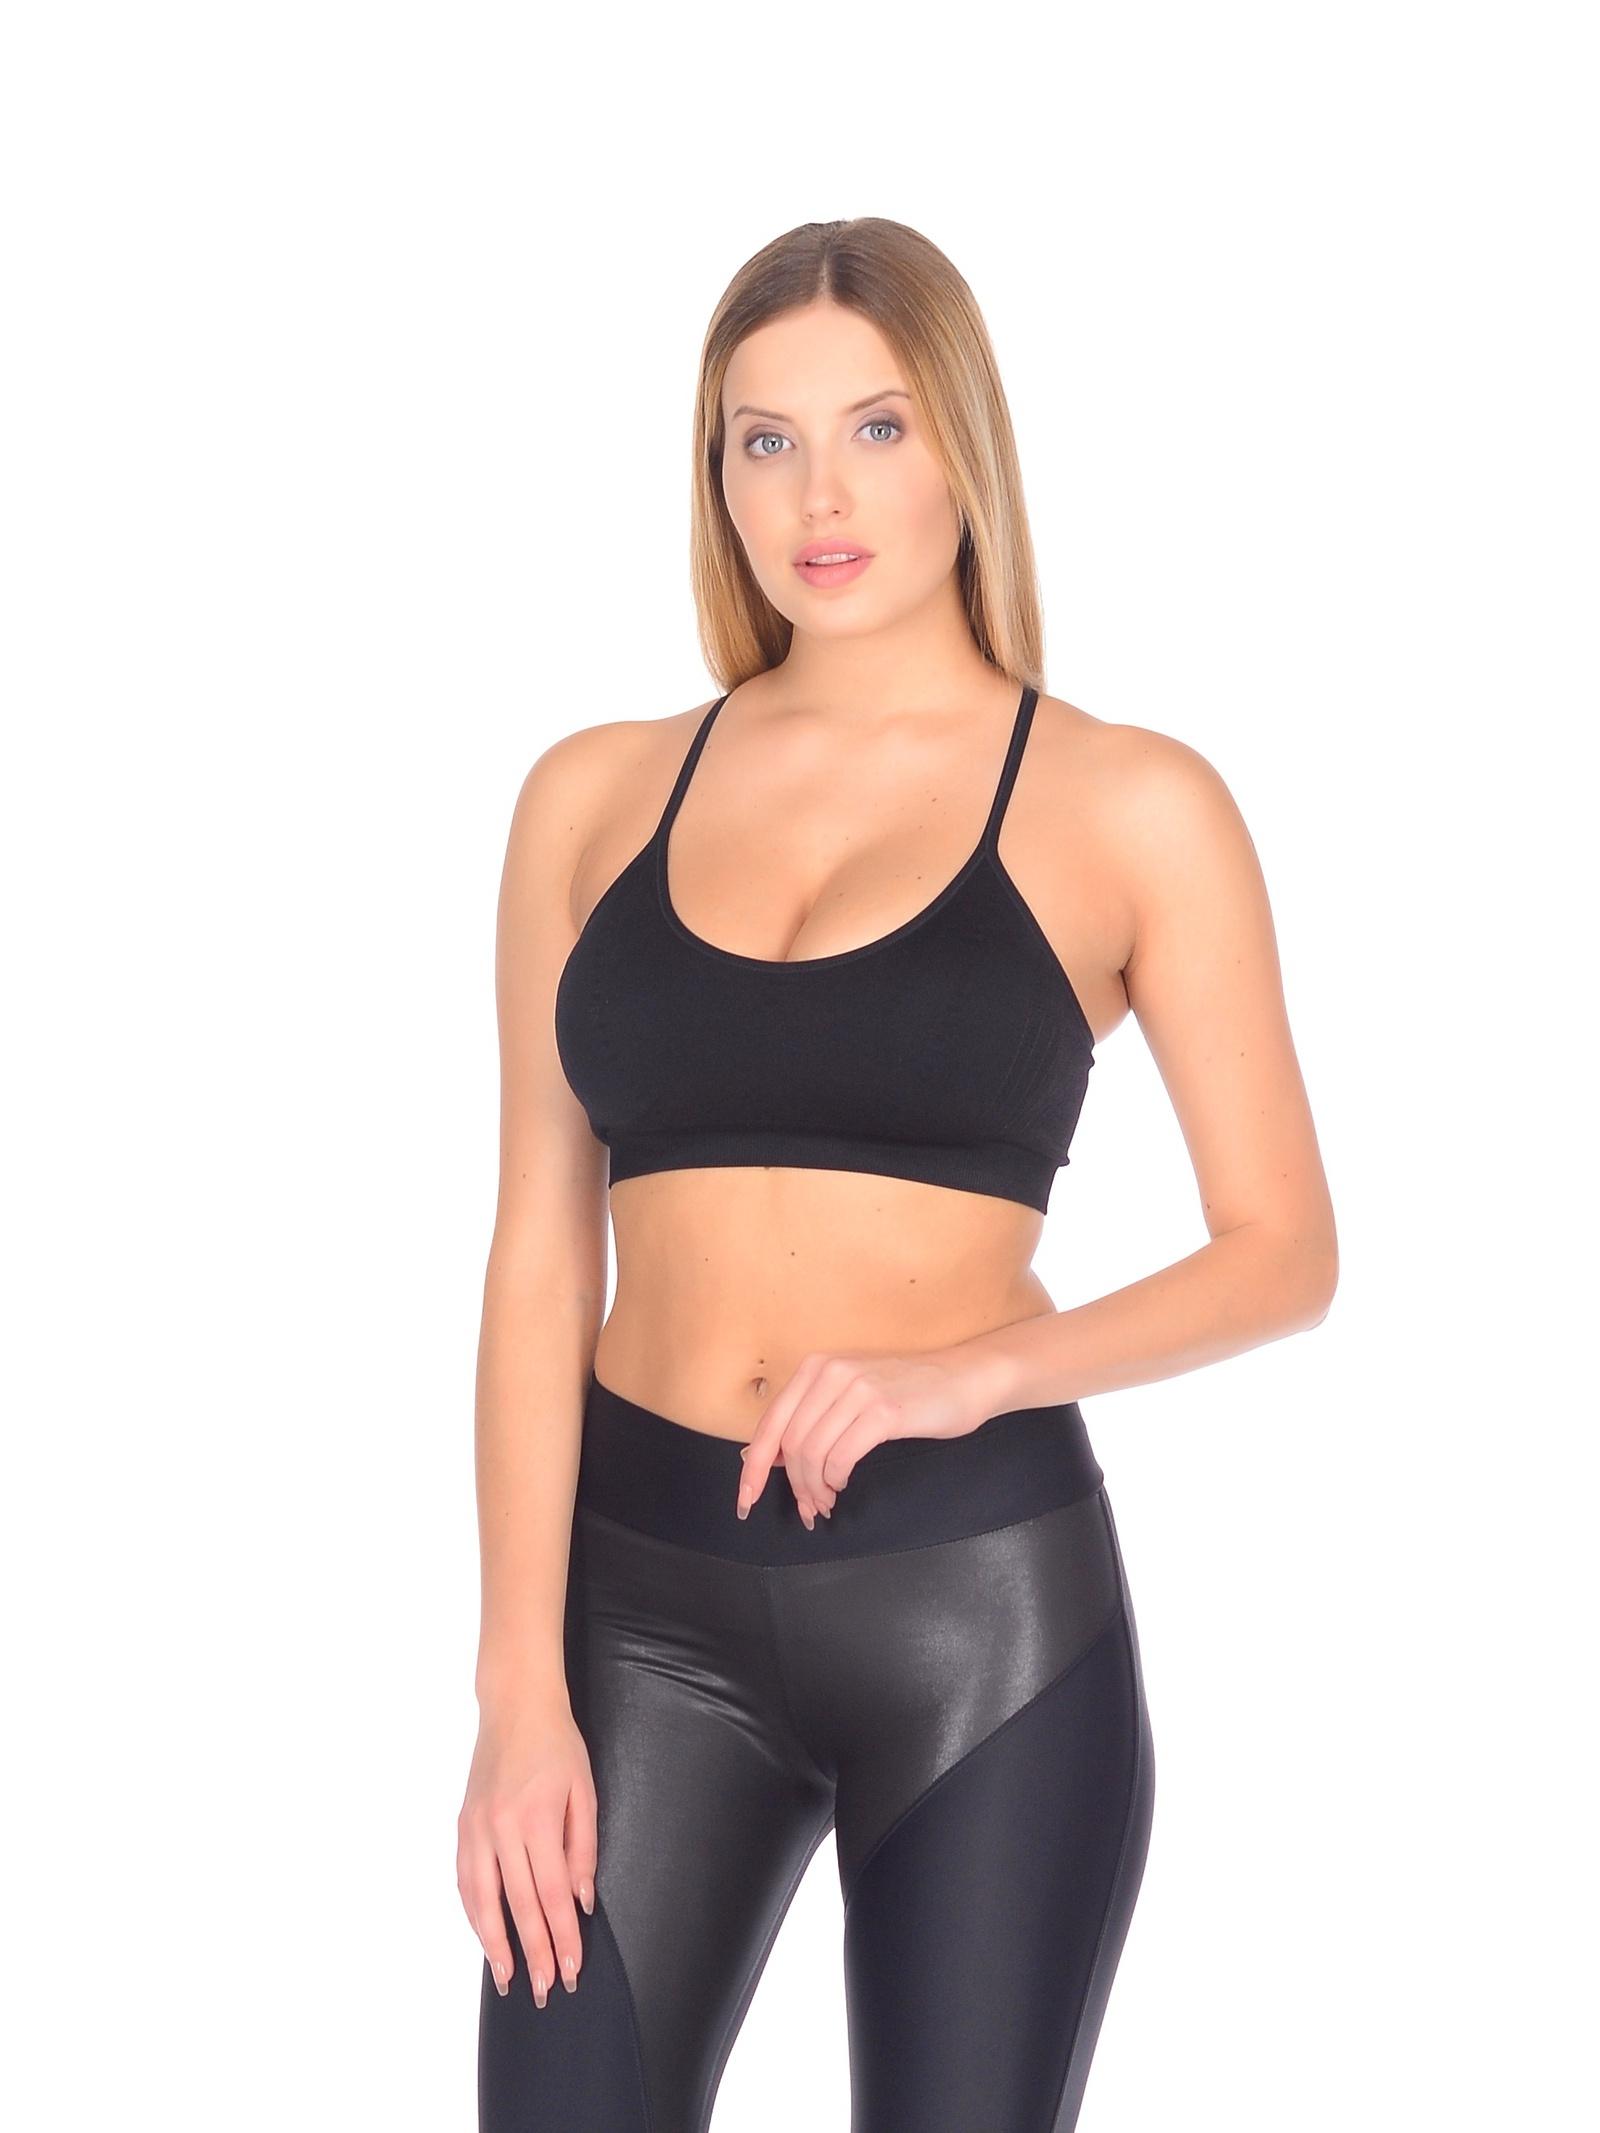 Топ Pro-fit11693 BLACK (S)Споривный топ для фитнеса, побежки, йоги и т.д.